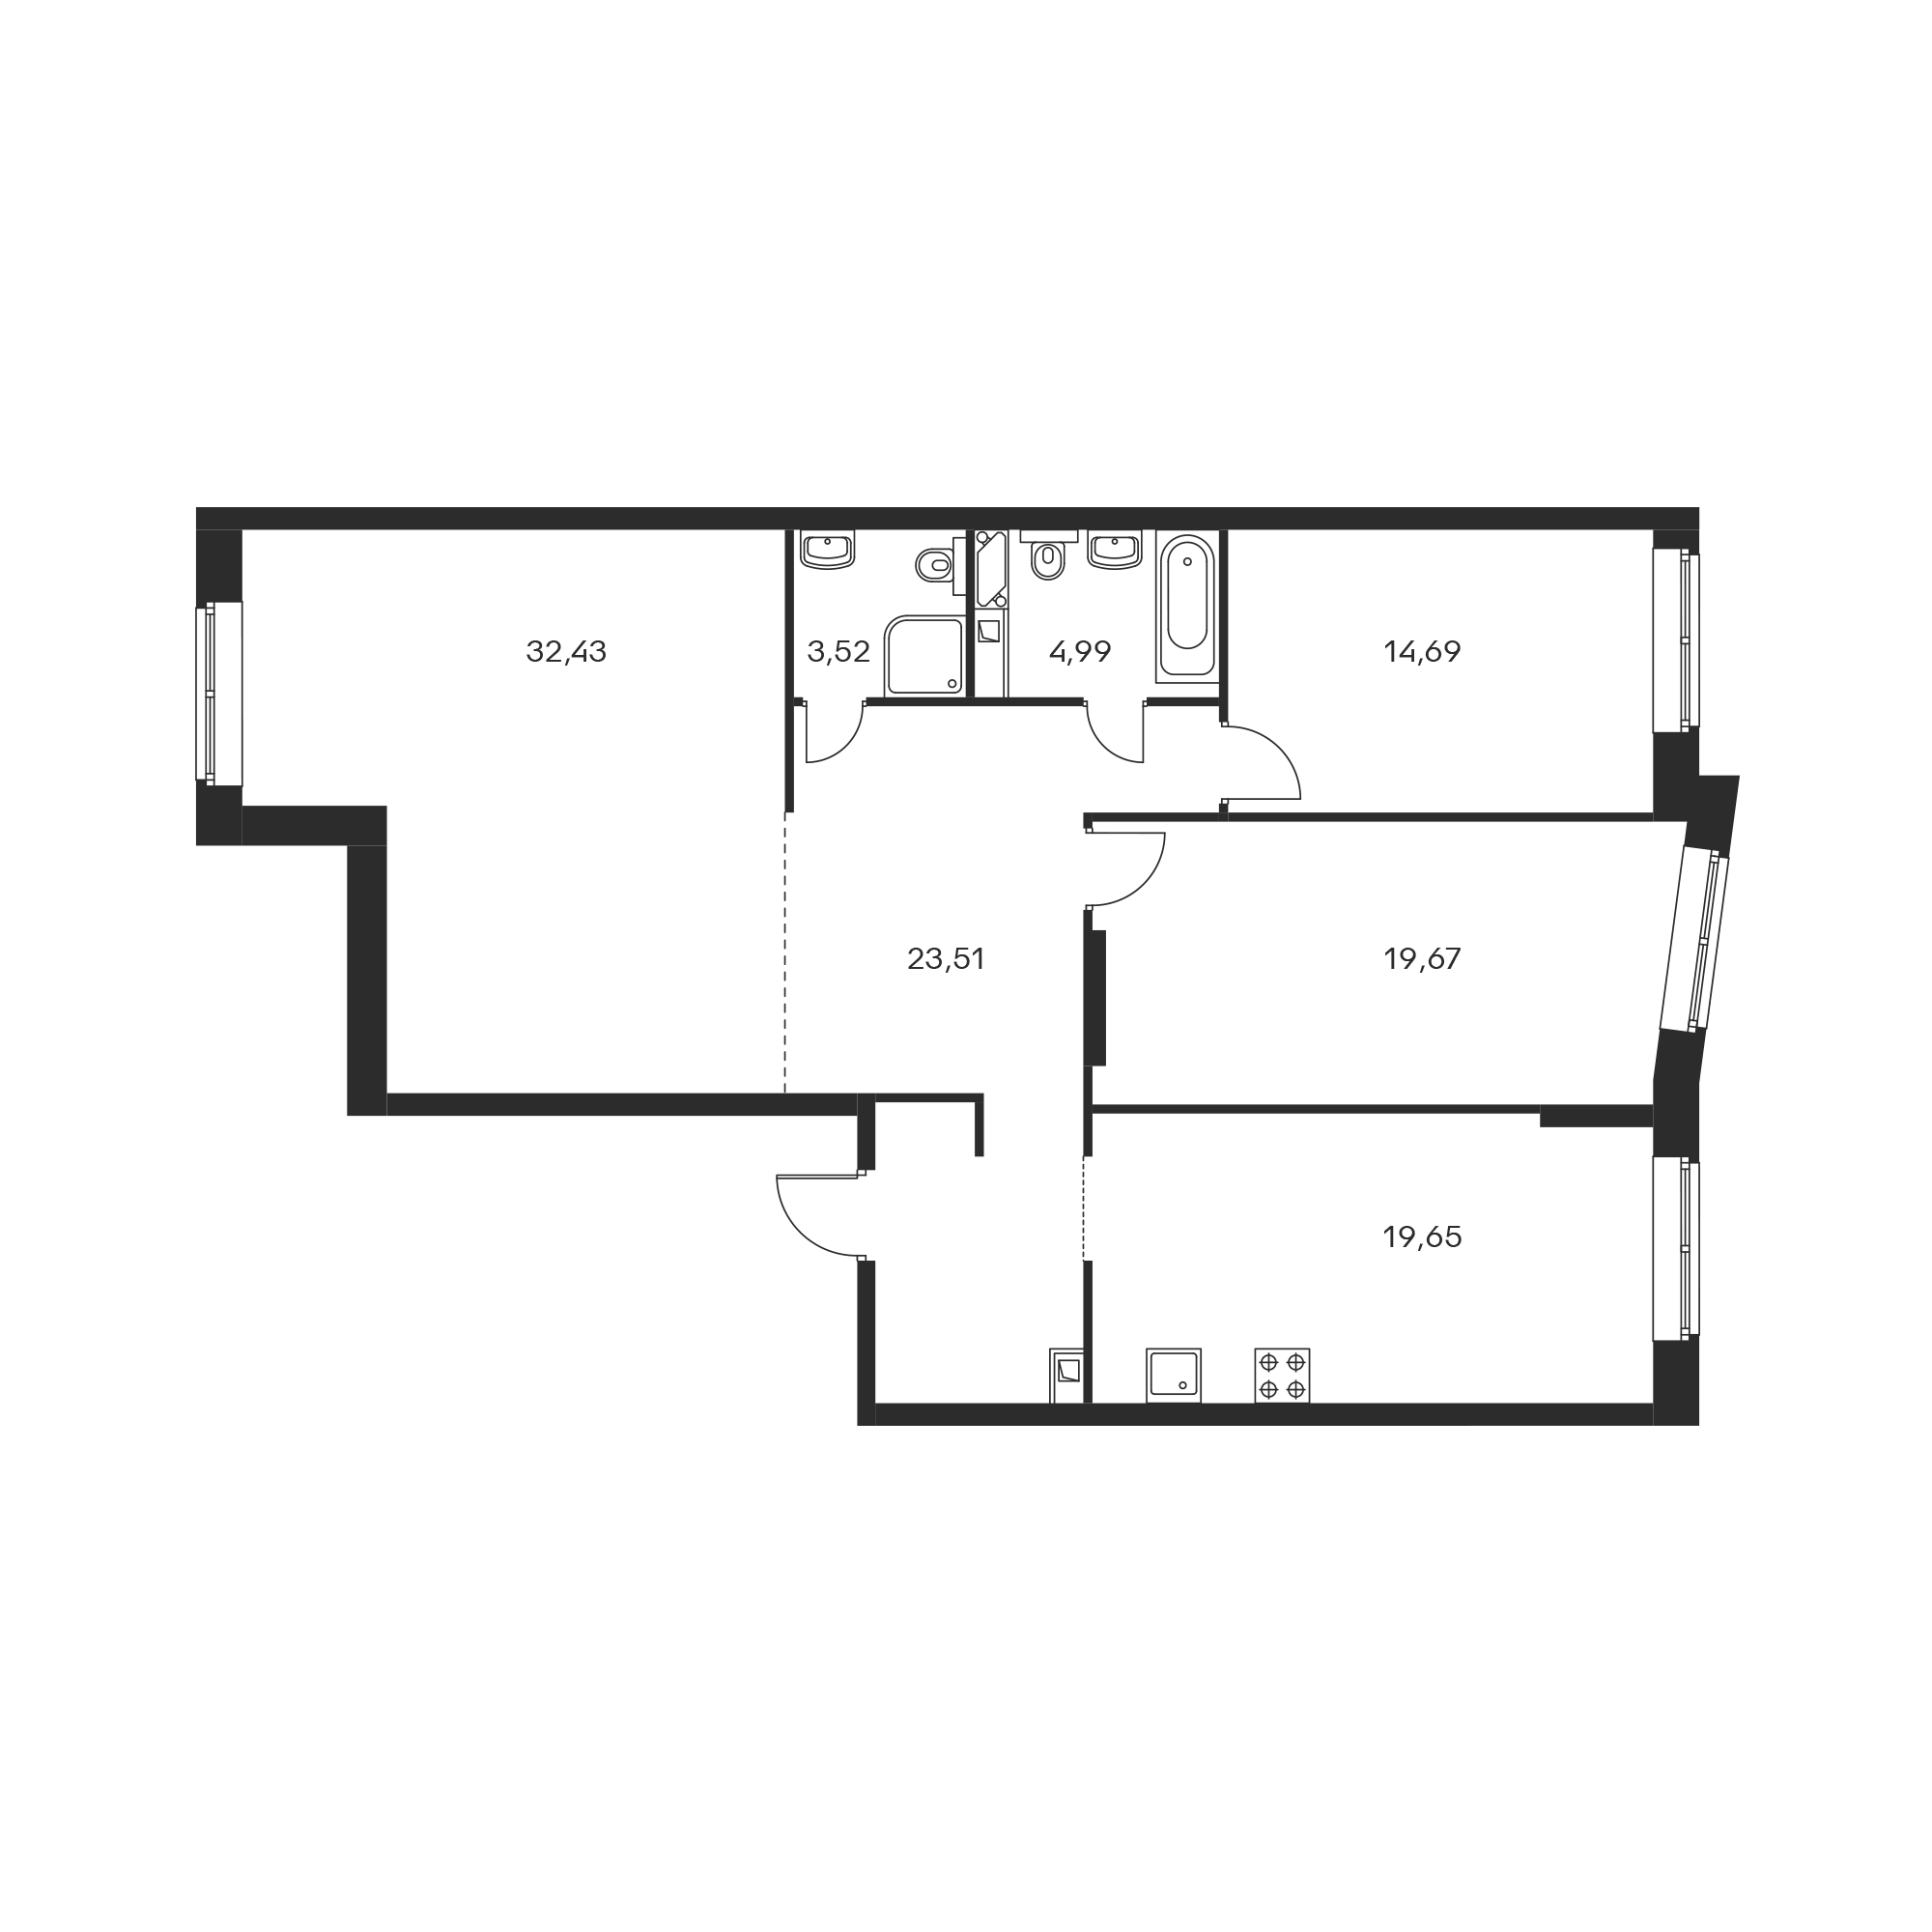 3-комнатная 118.46 м²